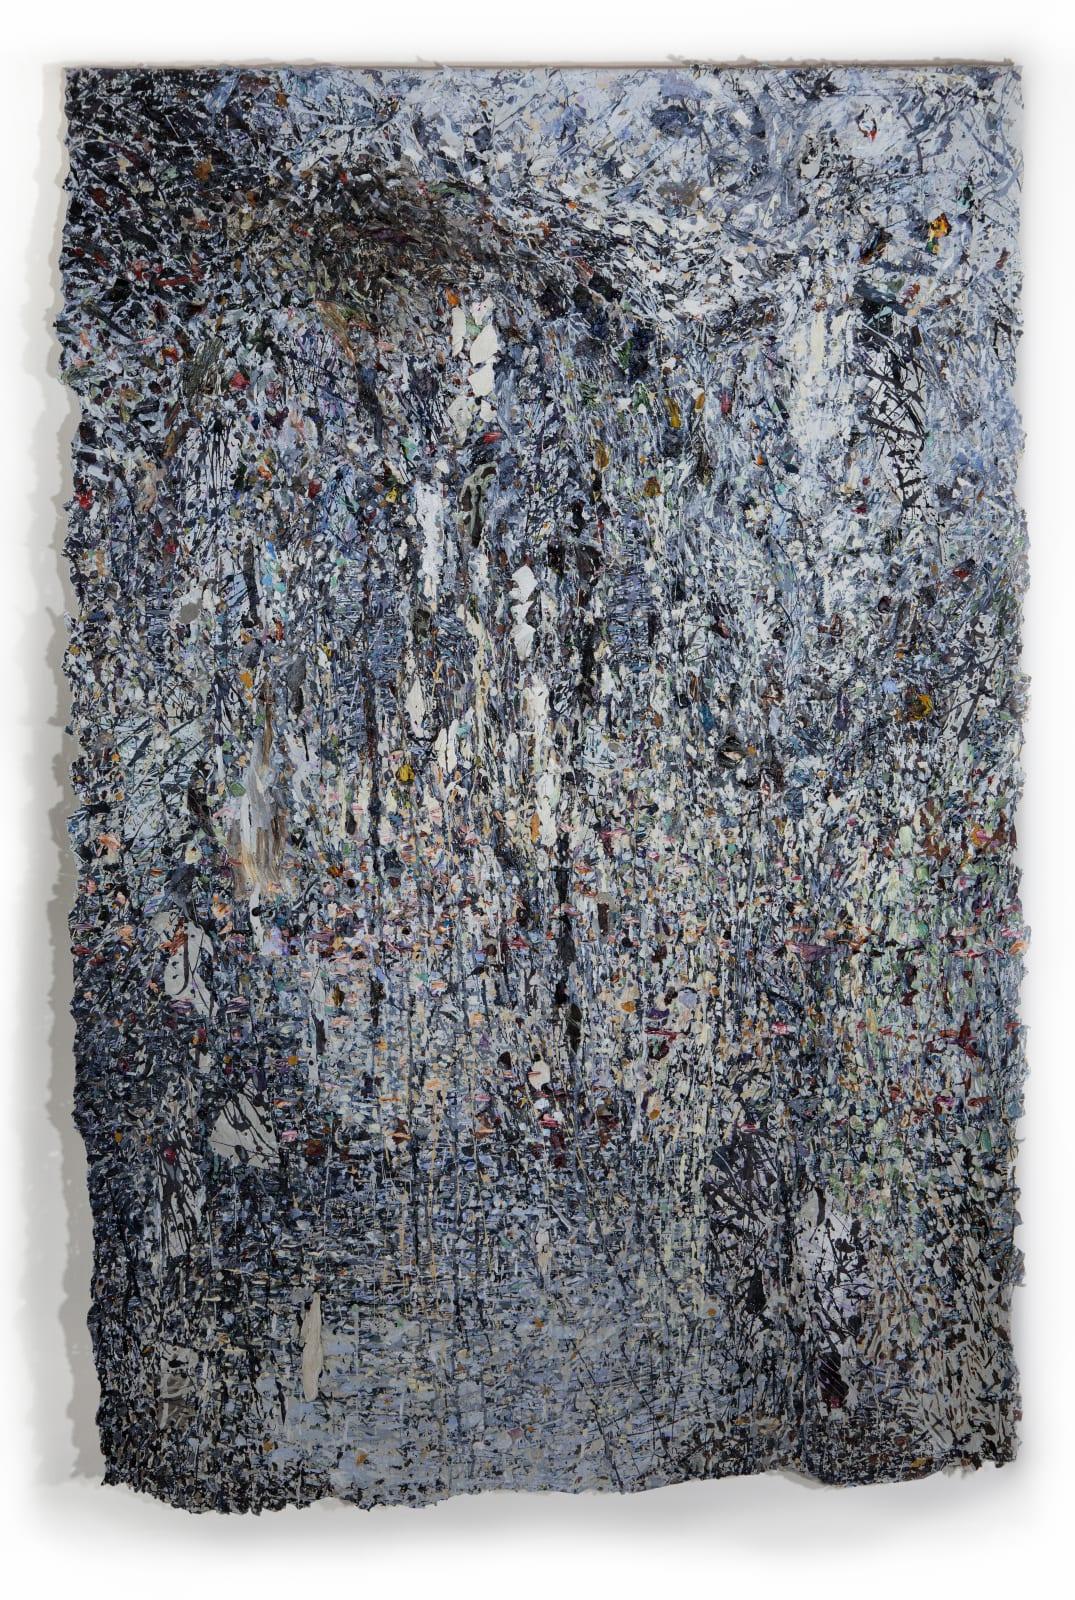 Carolyn Parton, Eyedancing deluge, 2018